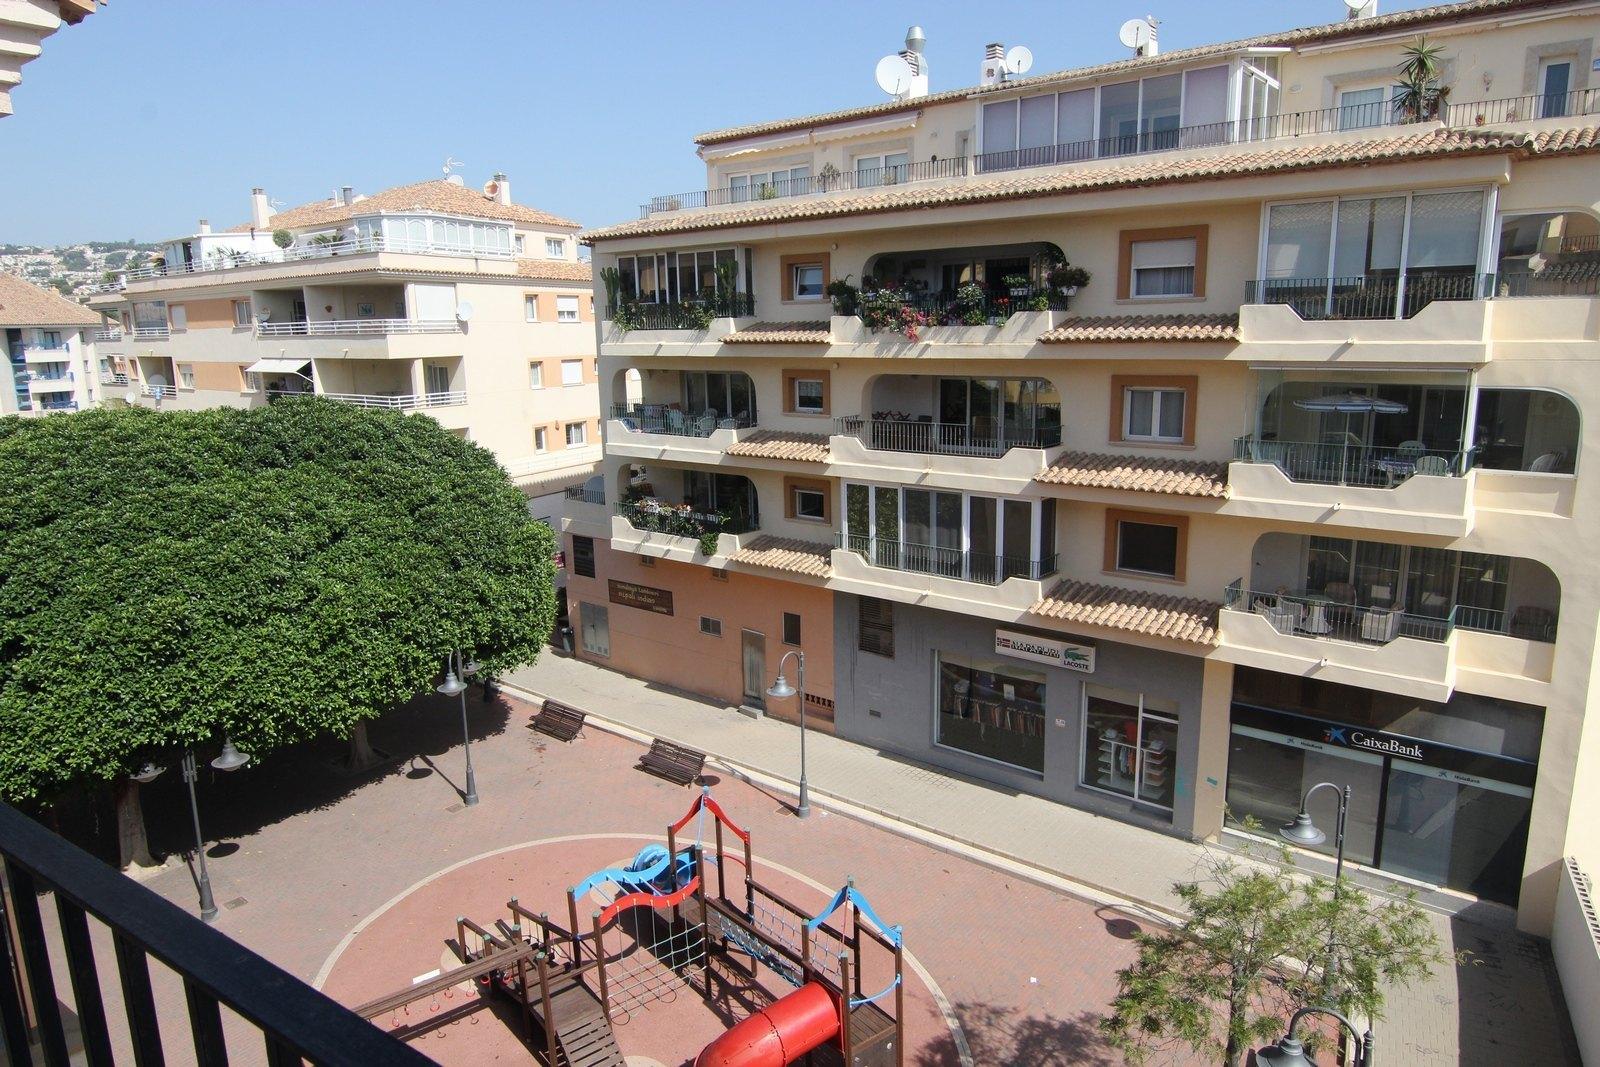 Moderno apartamento a la venta en el centro de Moraira.